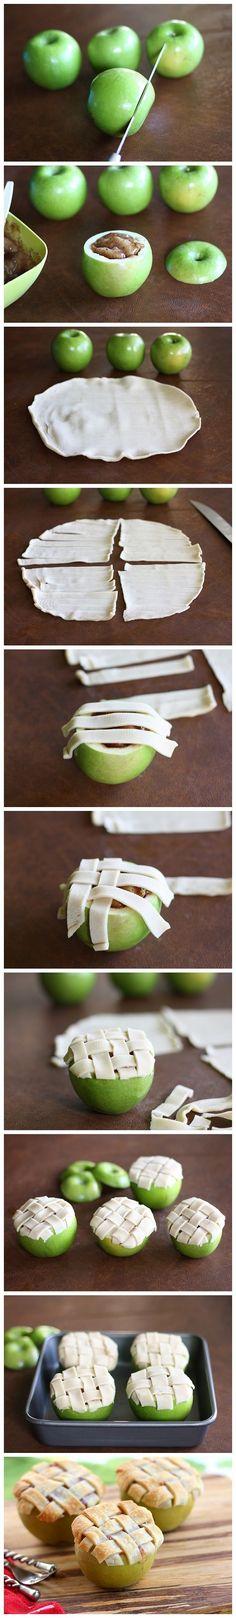 Postre de manzana, prueba más recetas en http://www.1001consejos.com/recetas